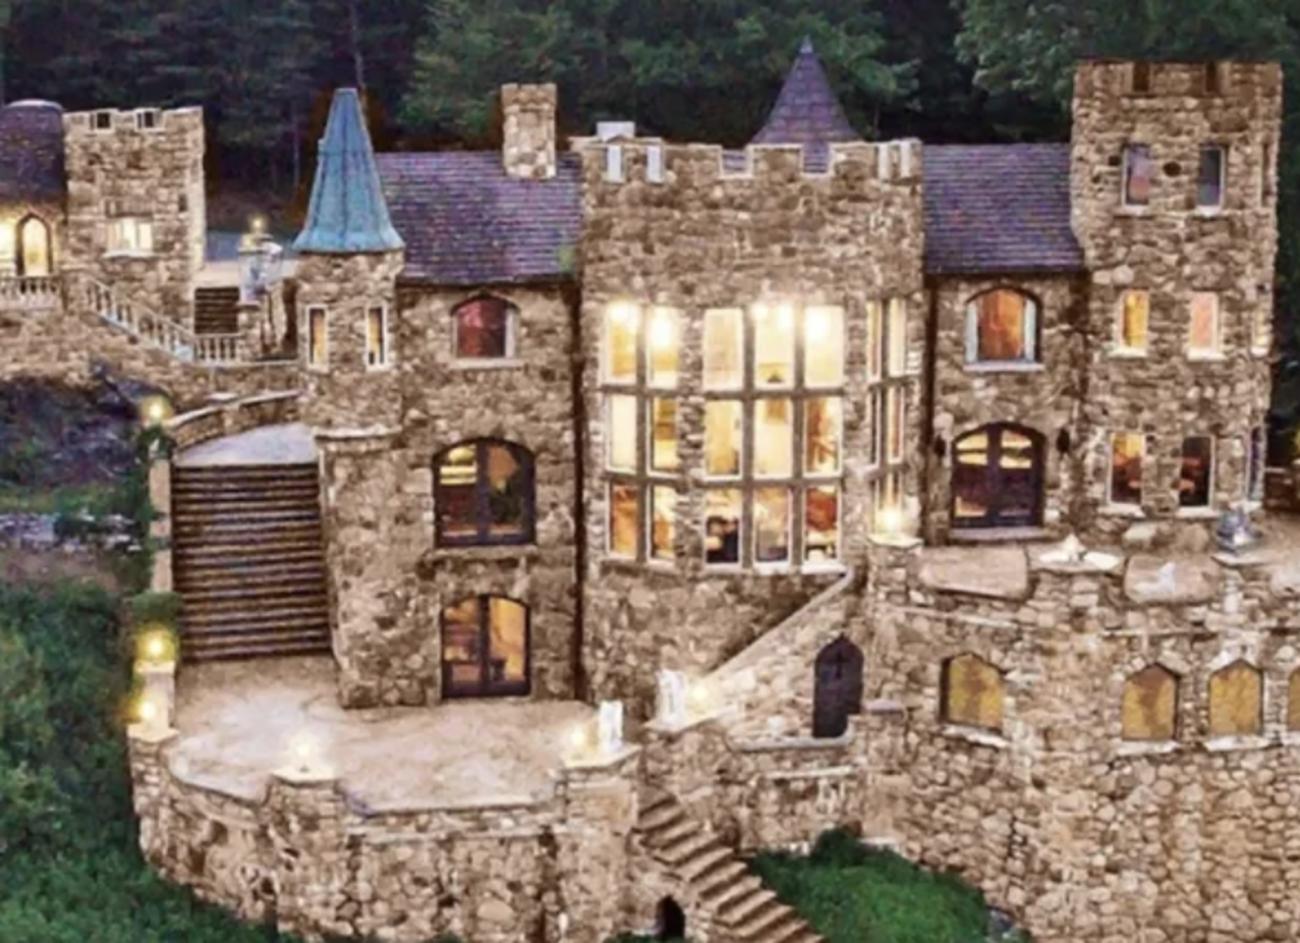 Ζήστε σαν βασιλιάδες σε αυτό το πανέμορφο κάστρο που προσφέρει η Airbnb